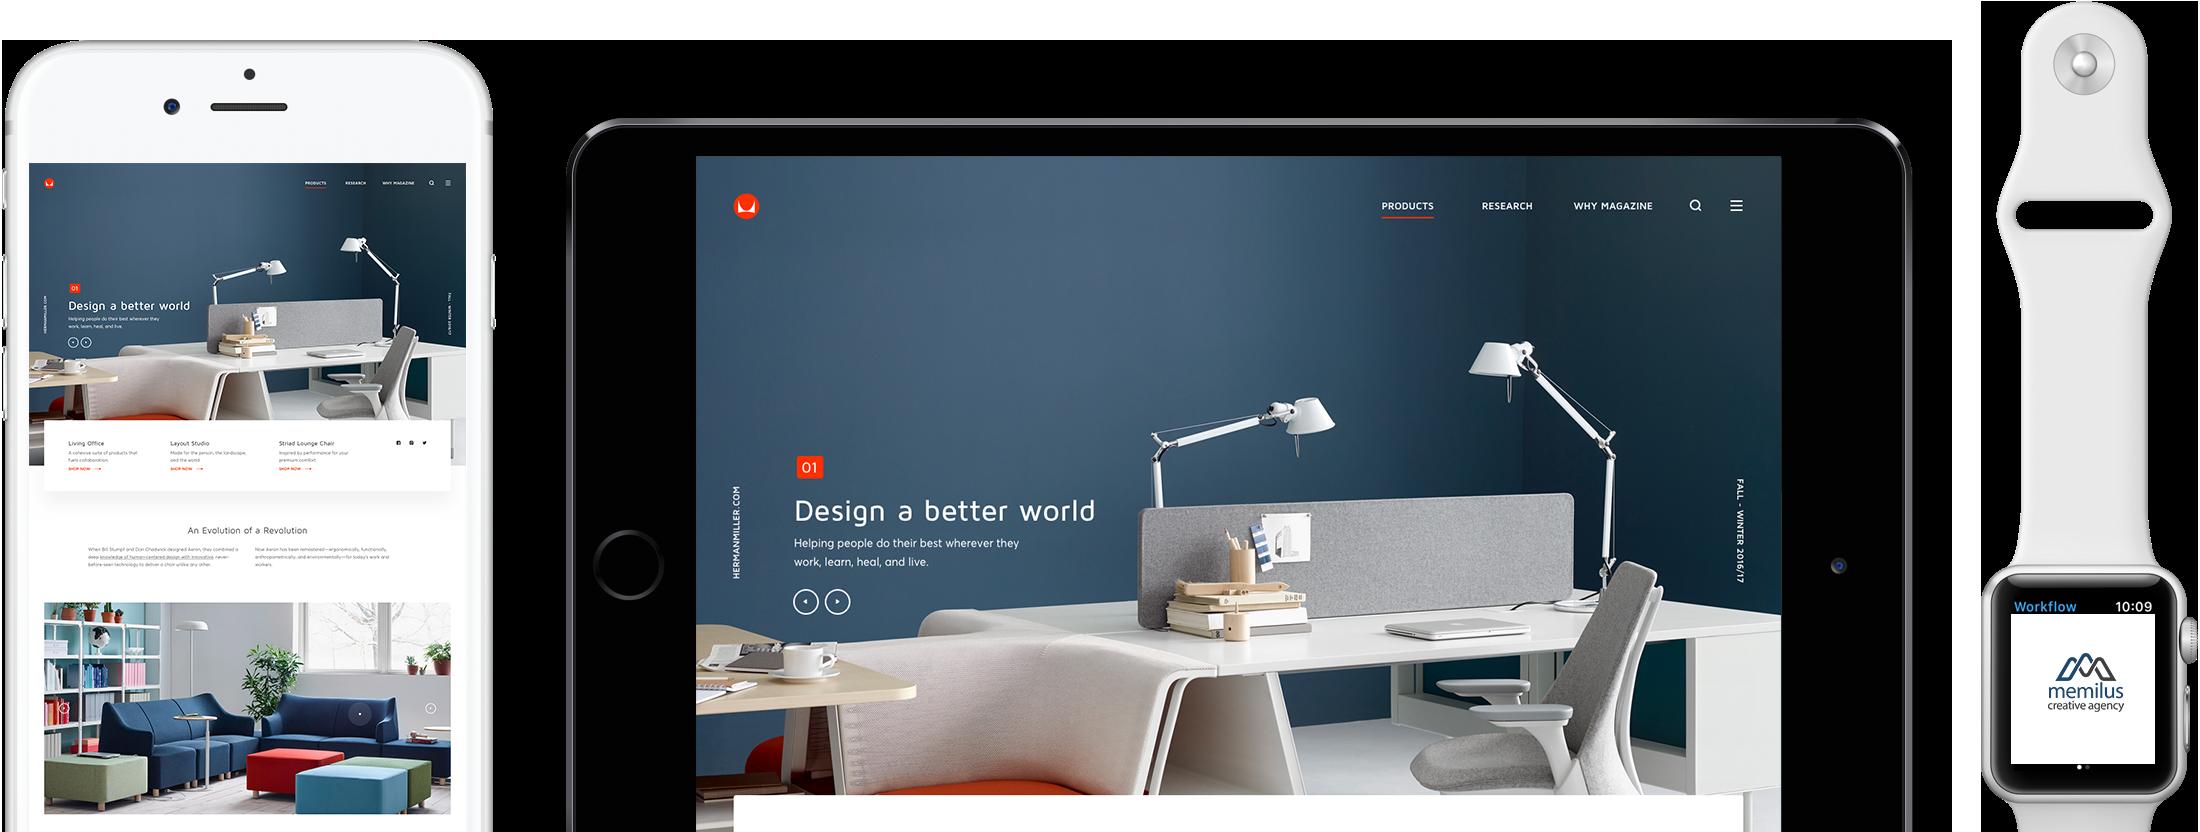 5 tiêu chí để đánh giá một website được thiết kế tốt 2